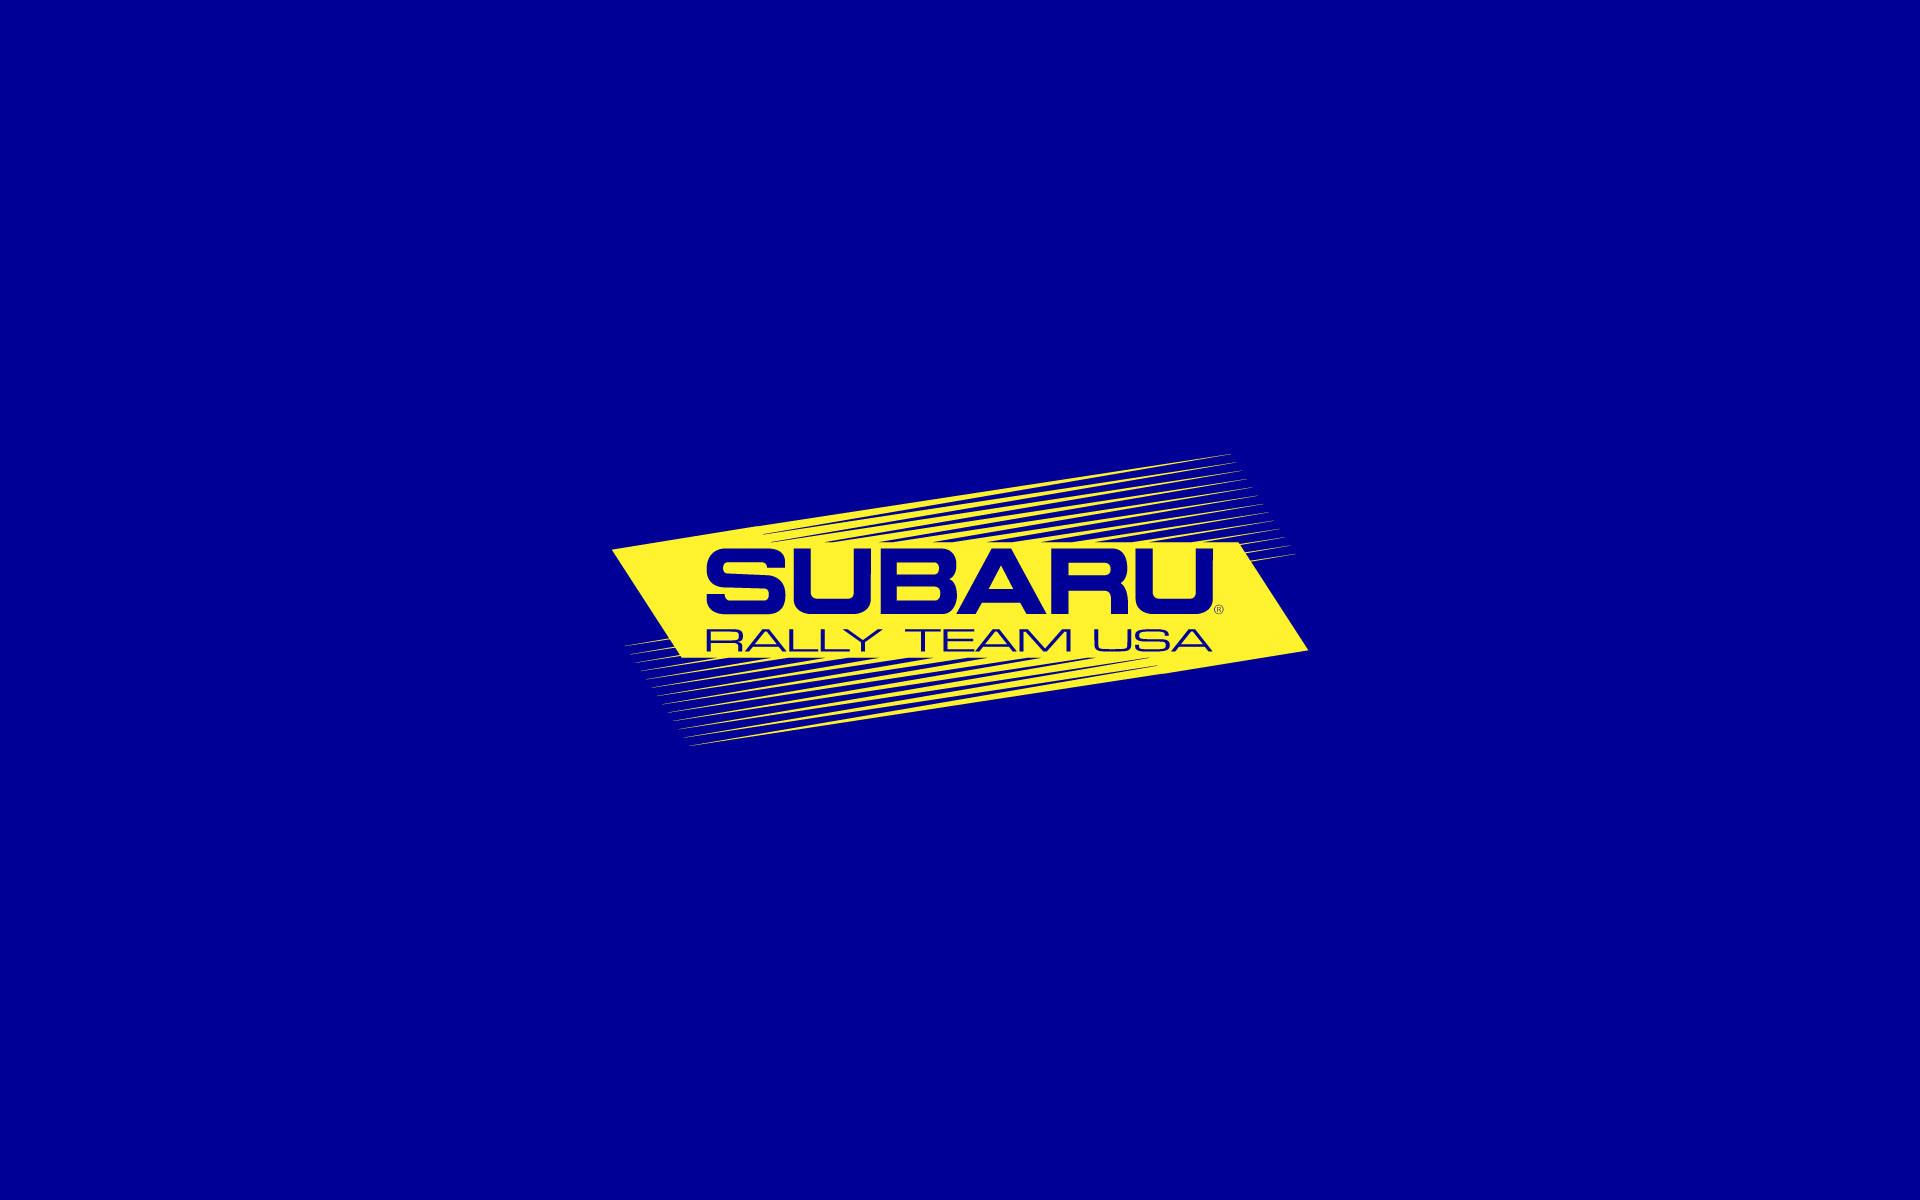 Subaru sti logo wallpaper 61 images 1920x1200 subaru impreza picture landscape tuning hd auto wallpaper voltagebd Image collections